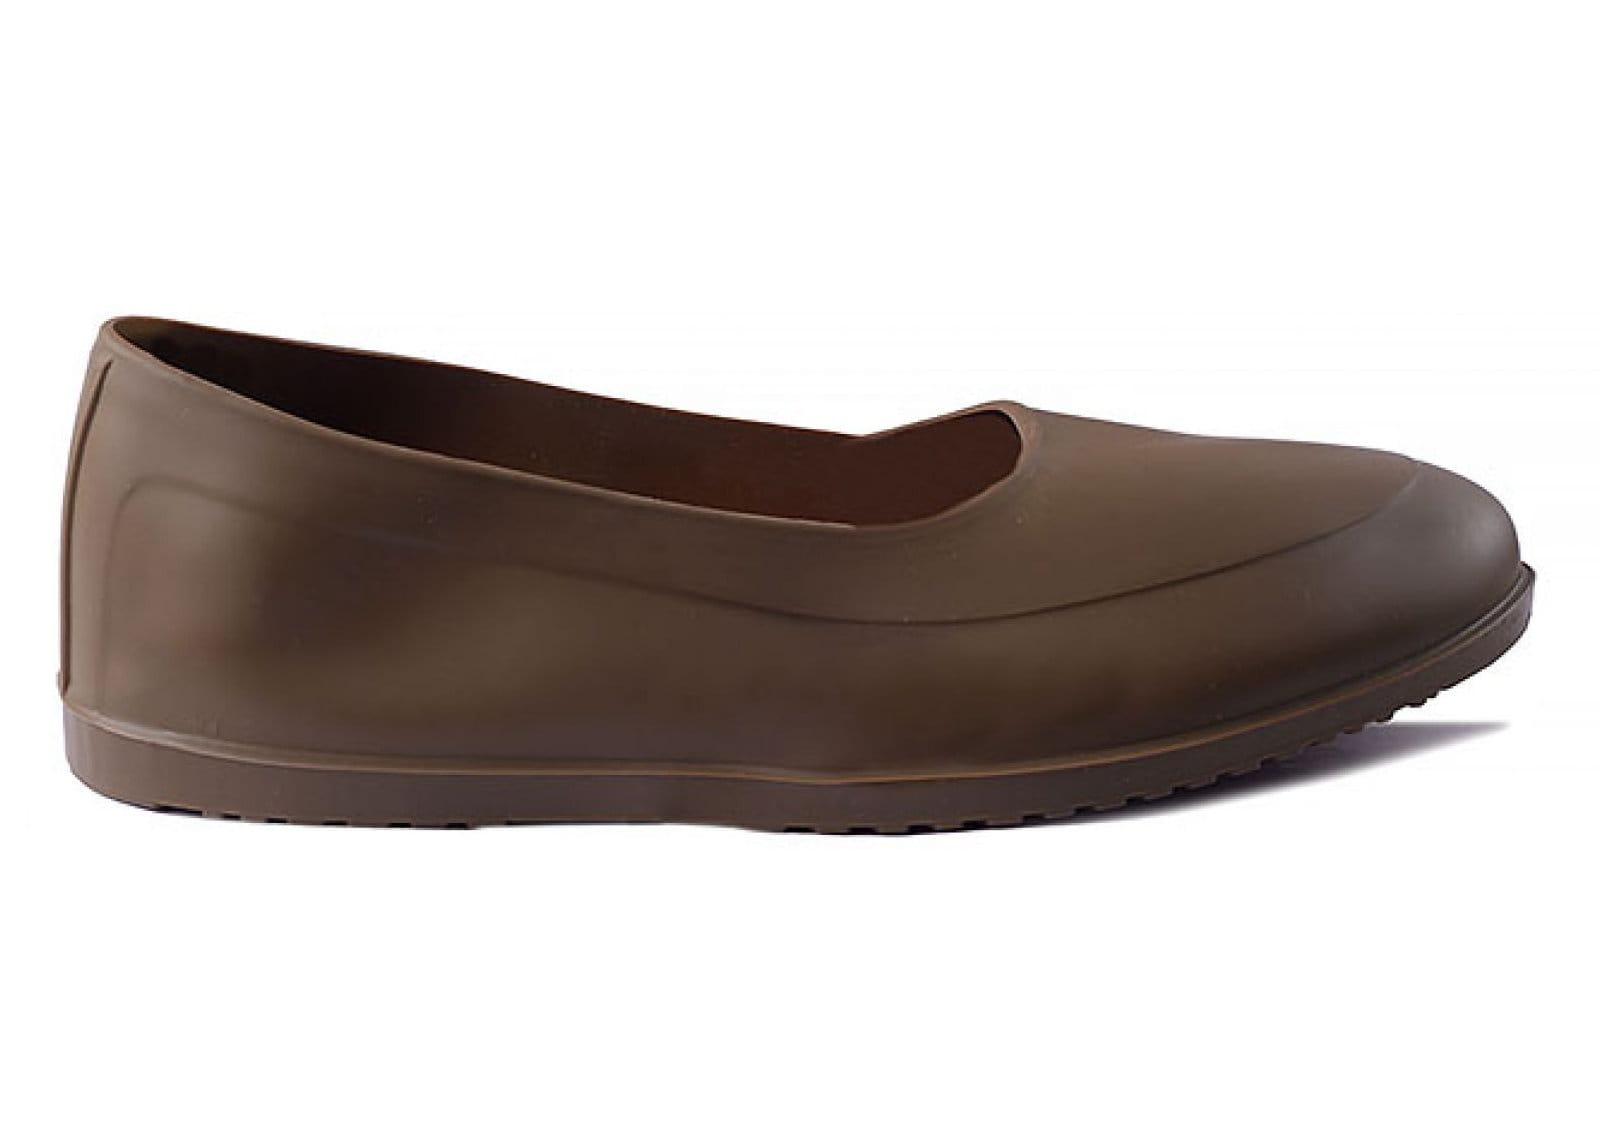 Ochraniacze Na Buty Oliwkowe Klasyczne Buty